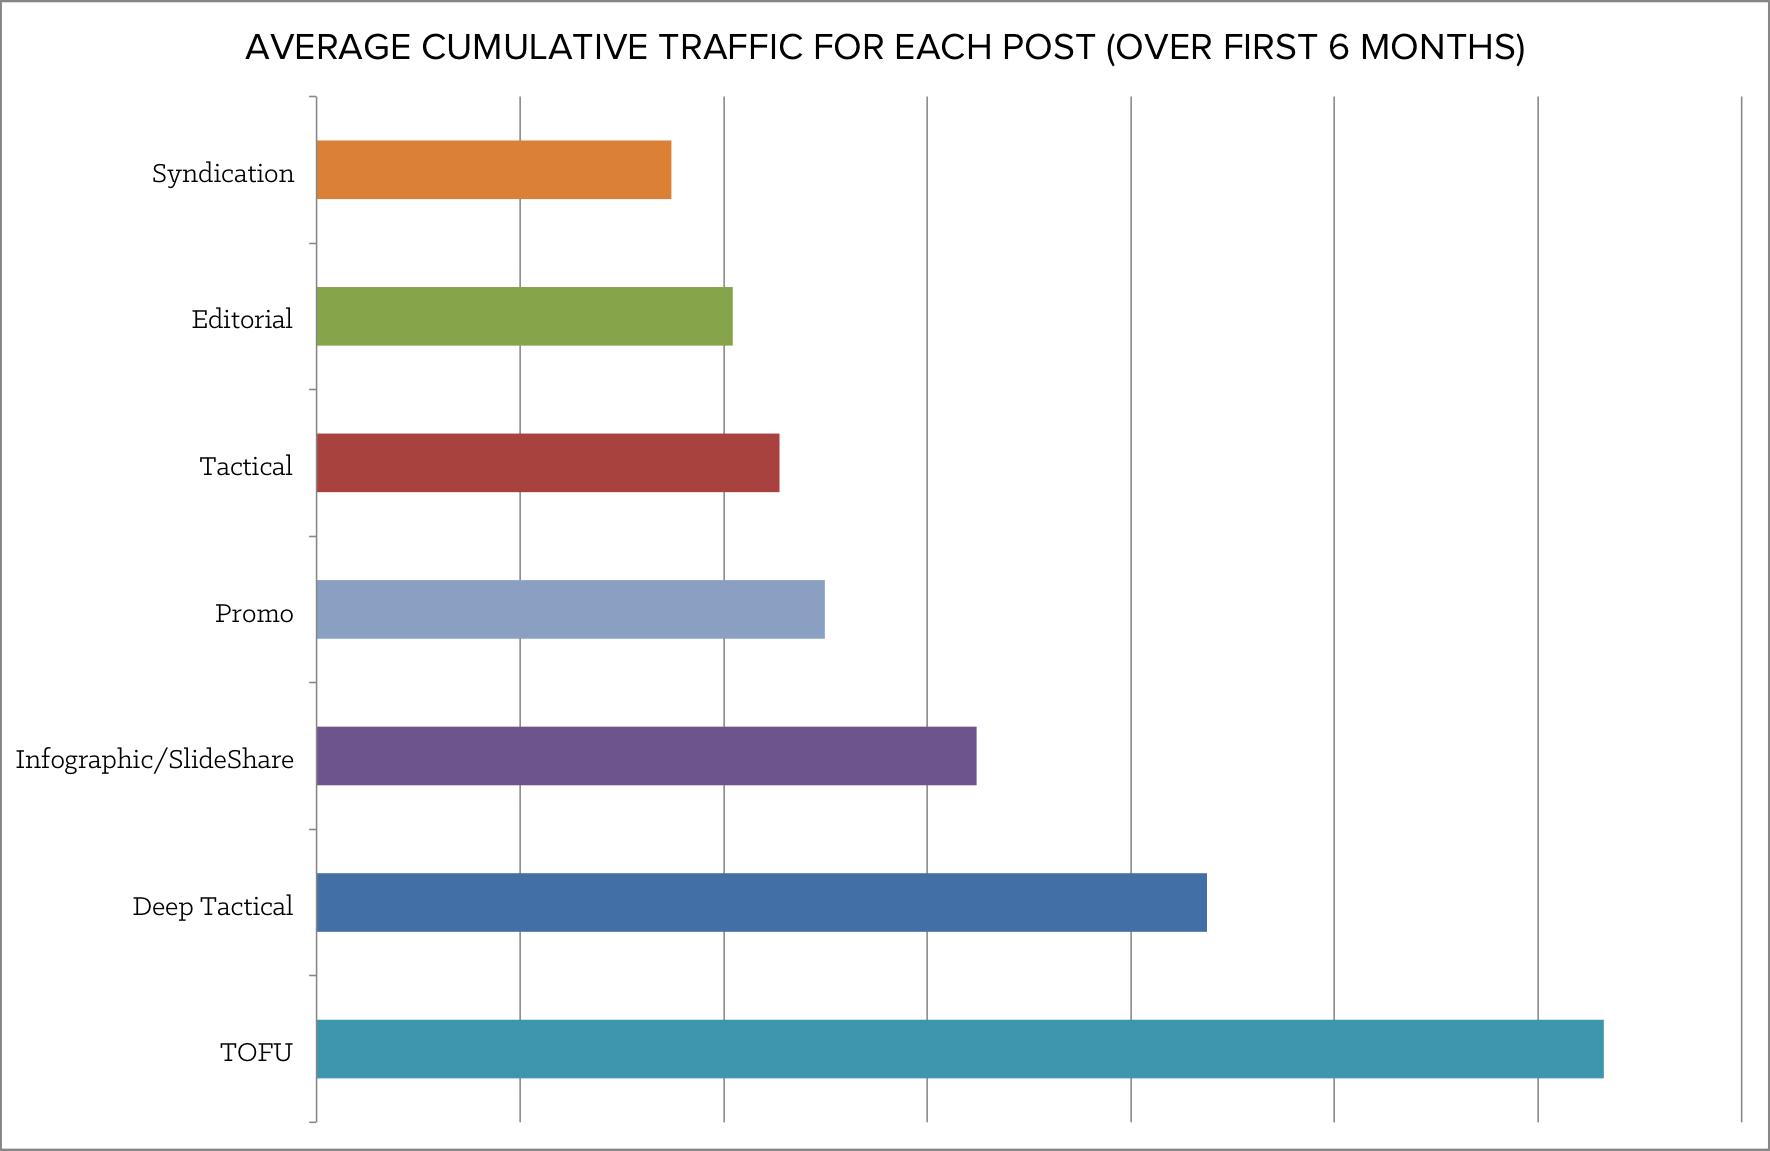 average_cumulative_traffic-1